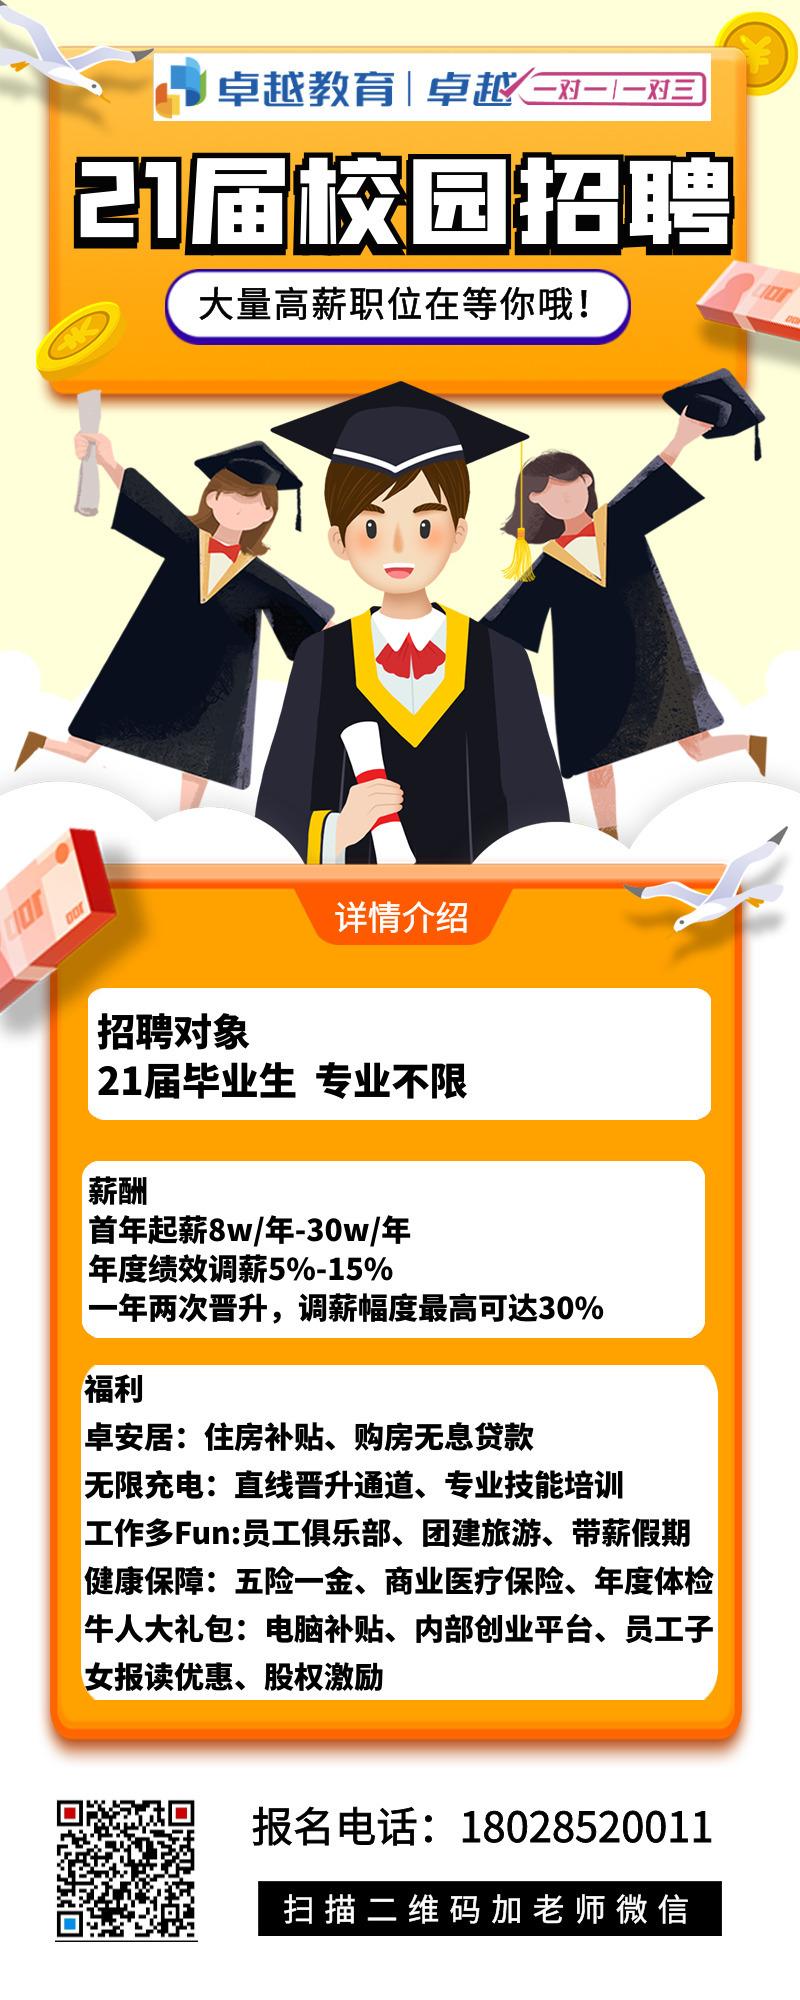 招聘简章.jpg